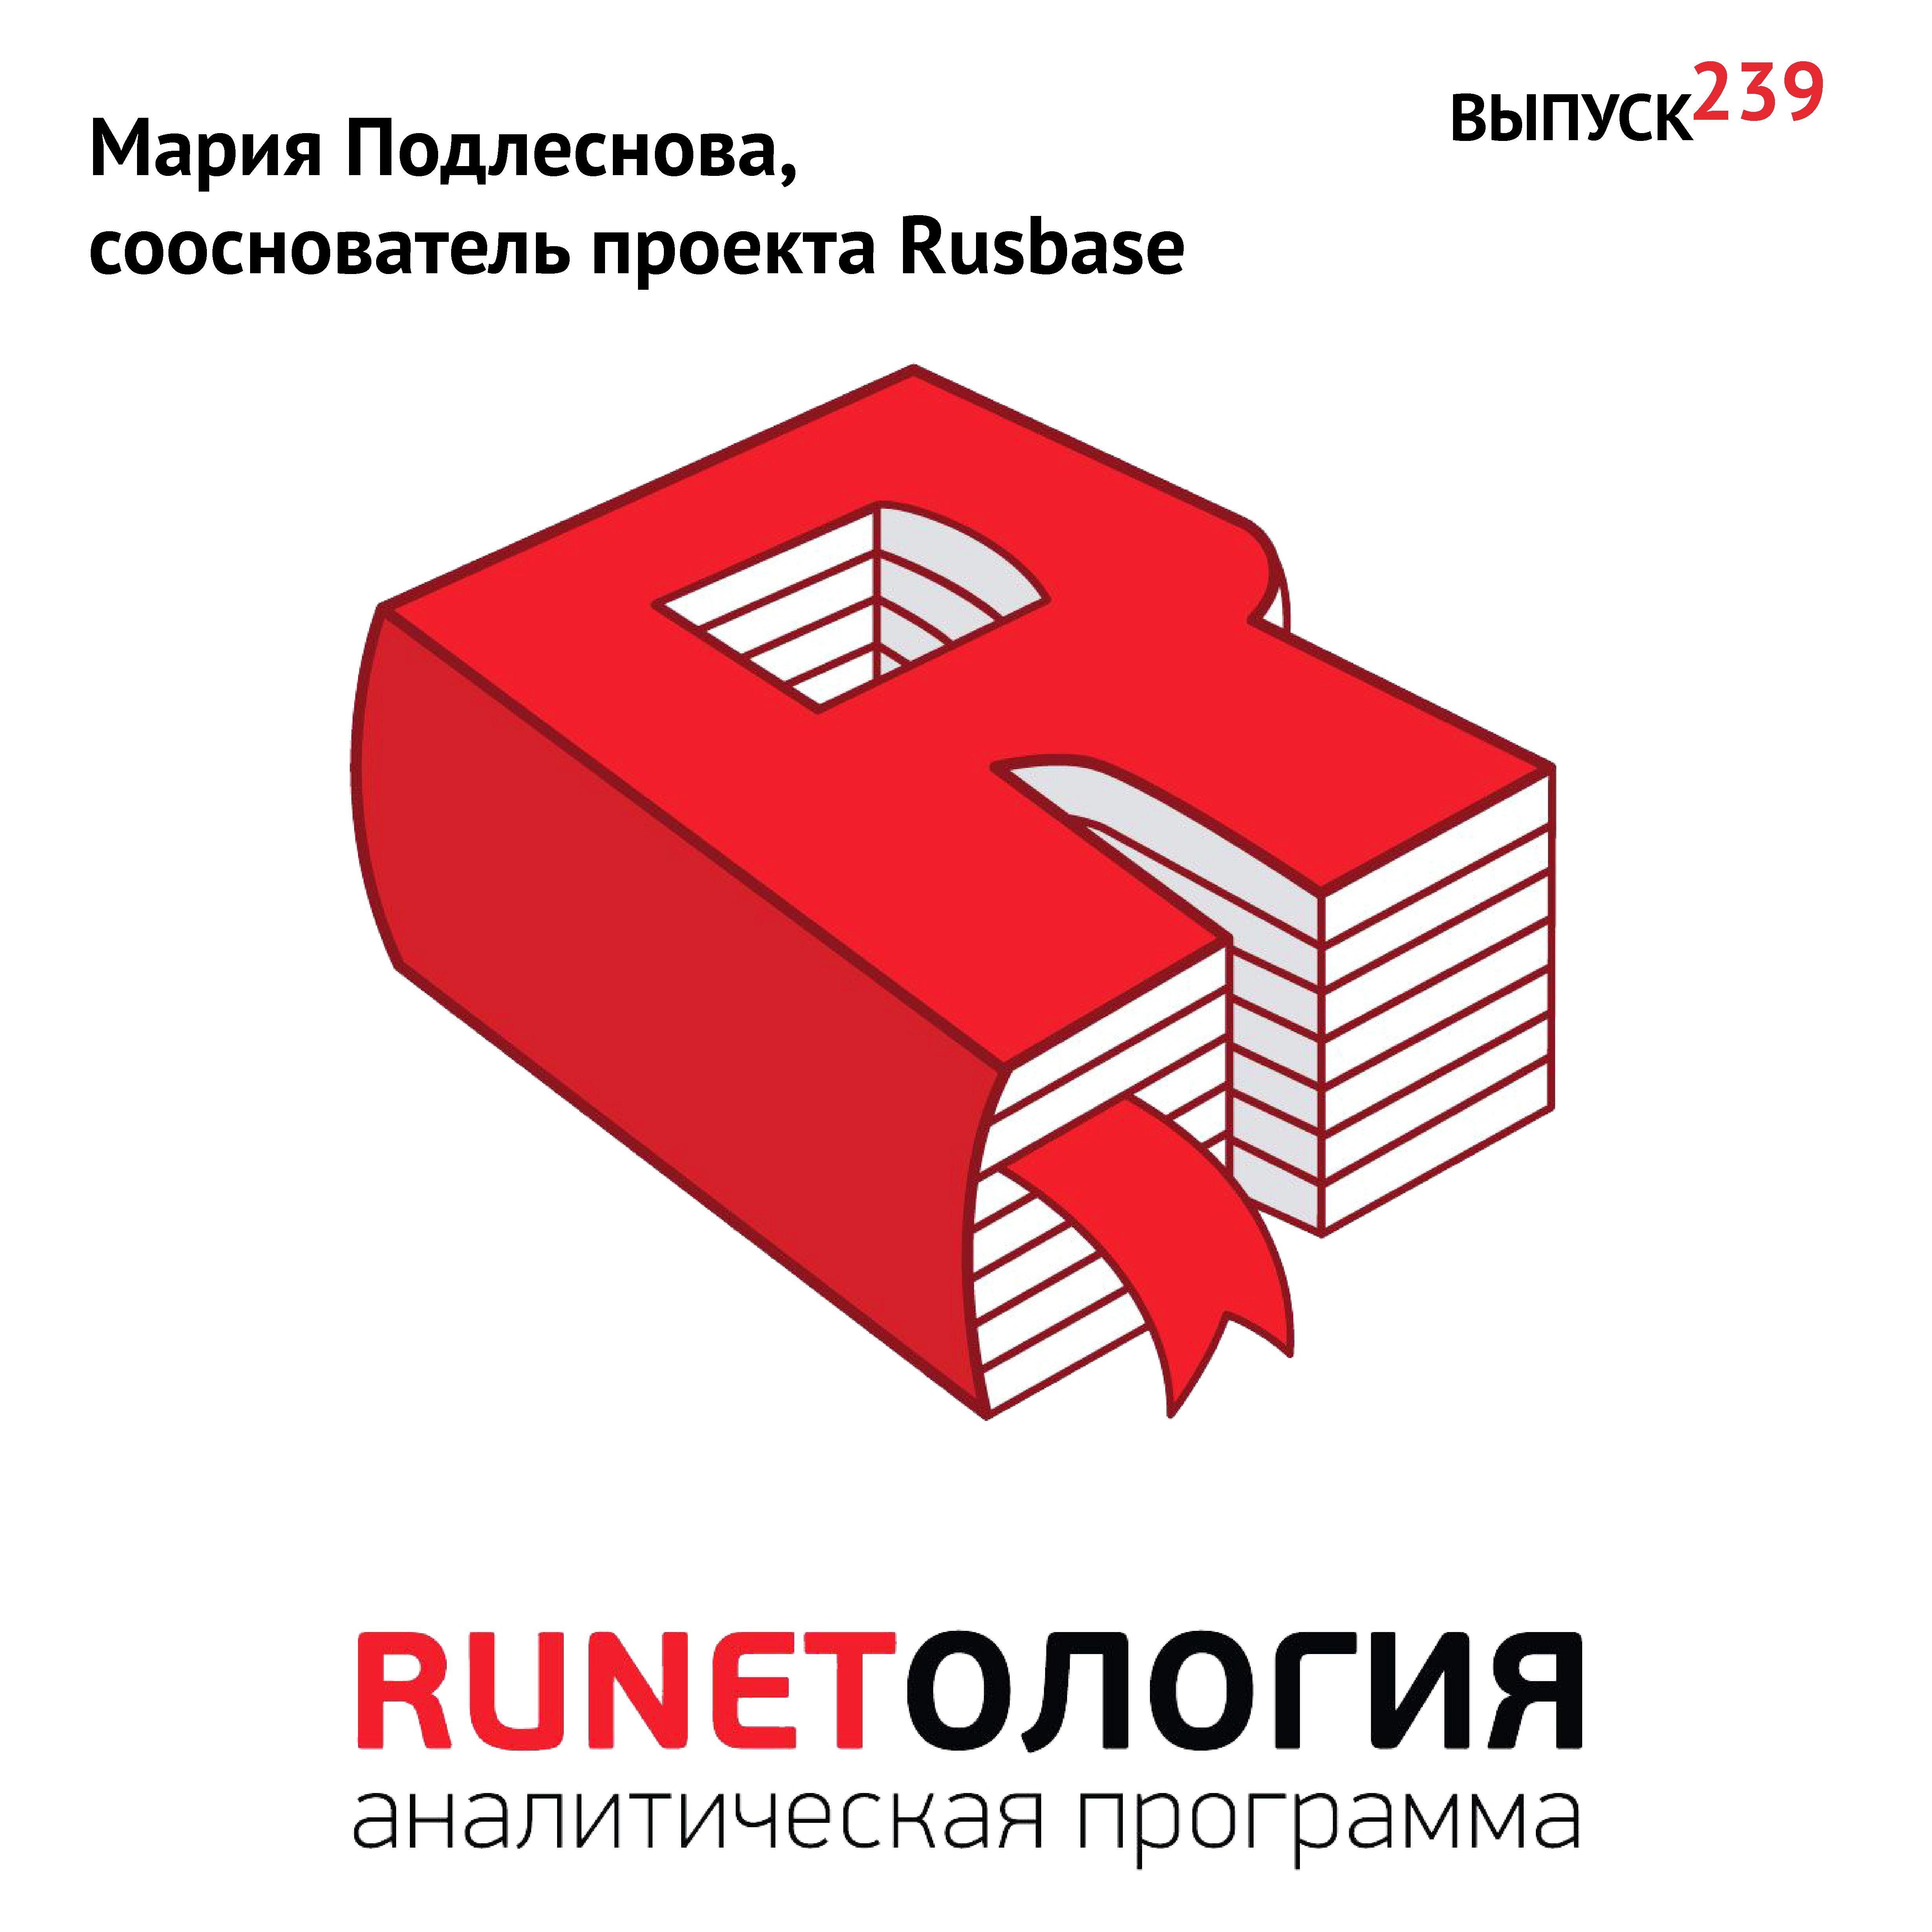 Максим Спиридонов Мария Подлеснова, сооснователь проекта Rusbase максим спиридонов место ироль религии в